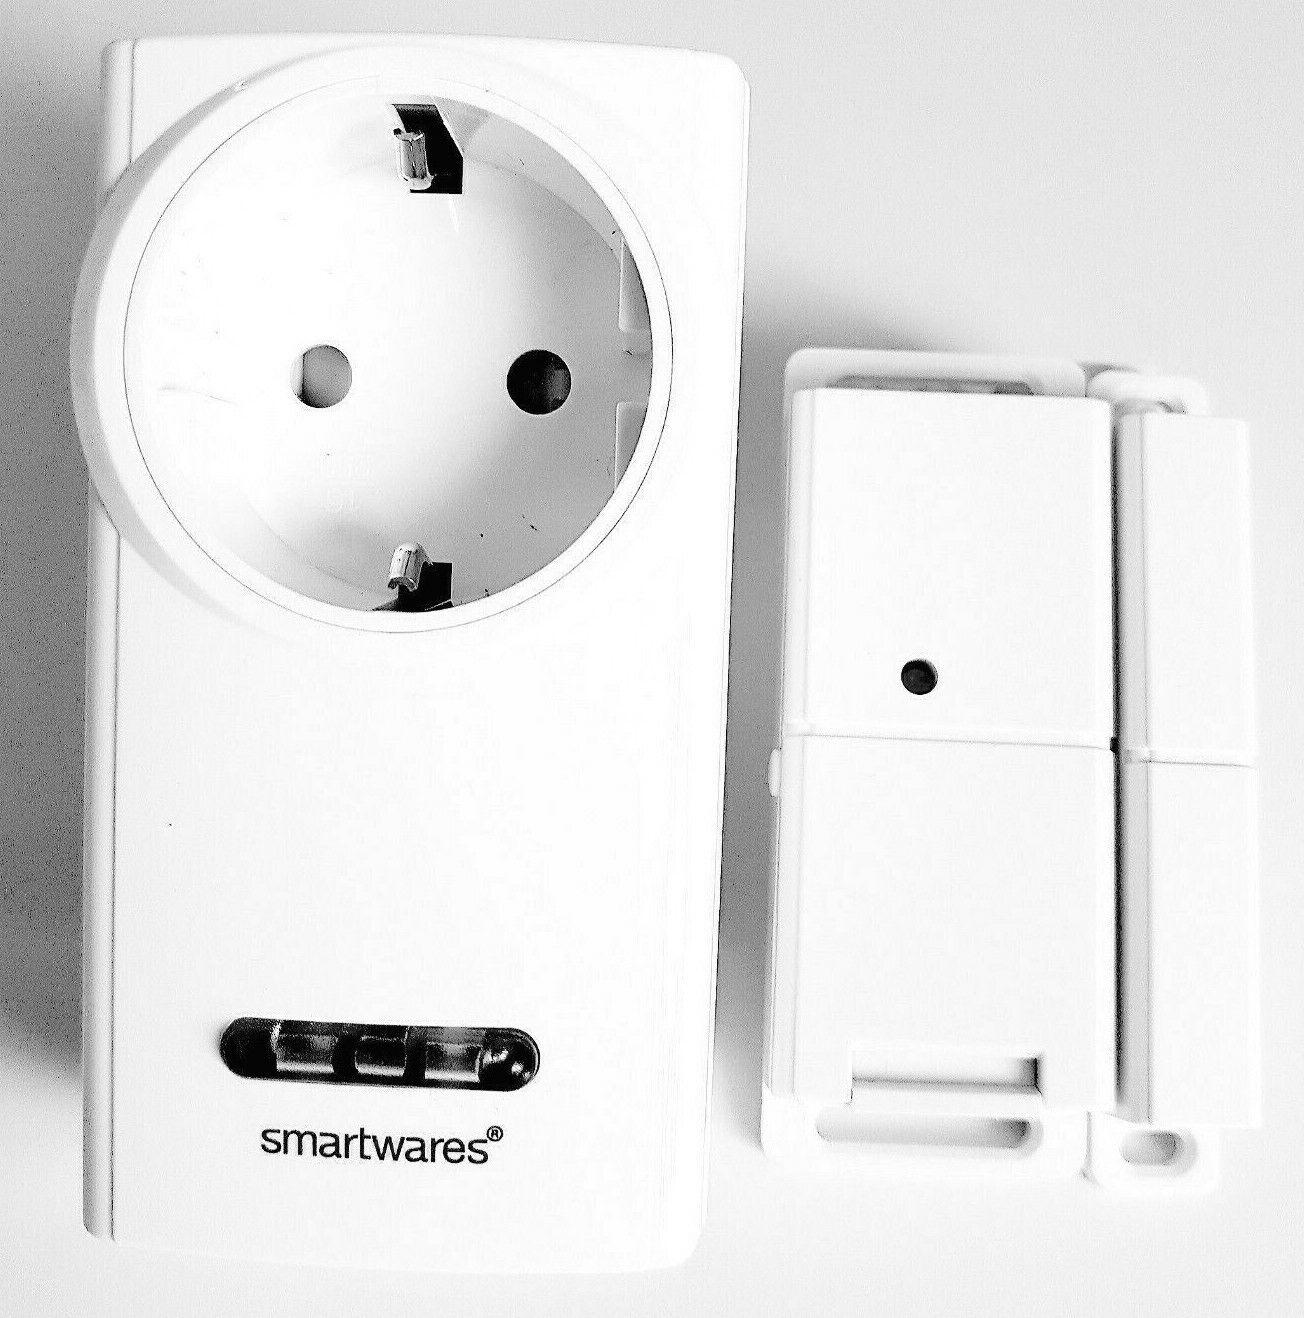 Smartwares Funk-Abluftsteuerung mit Fenster-Magnetkontakt und Funksteckdose für